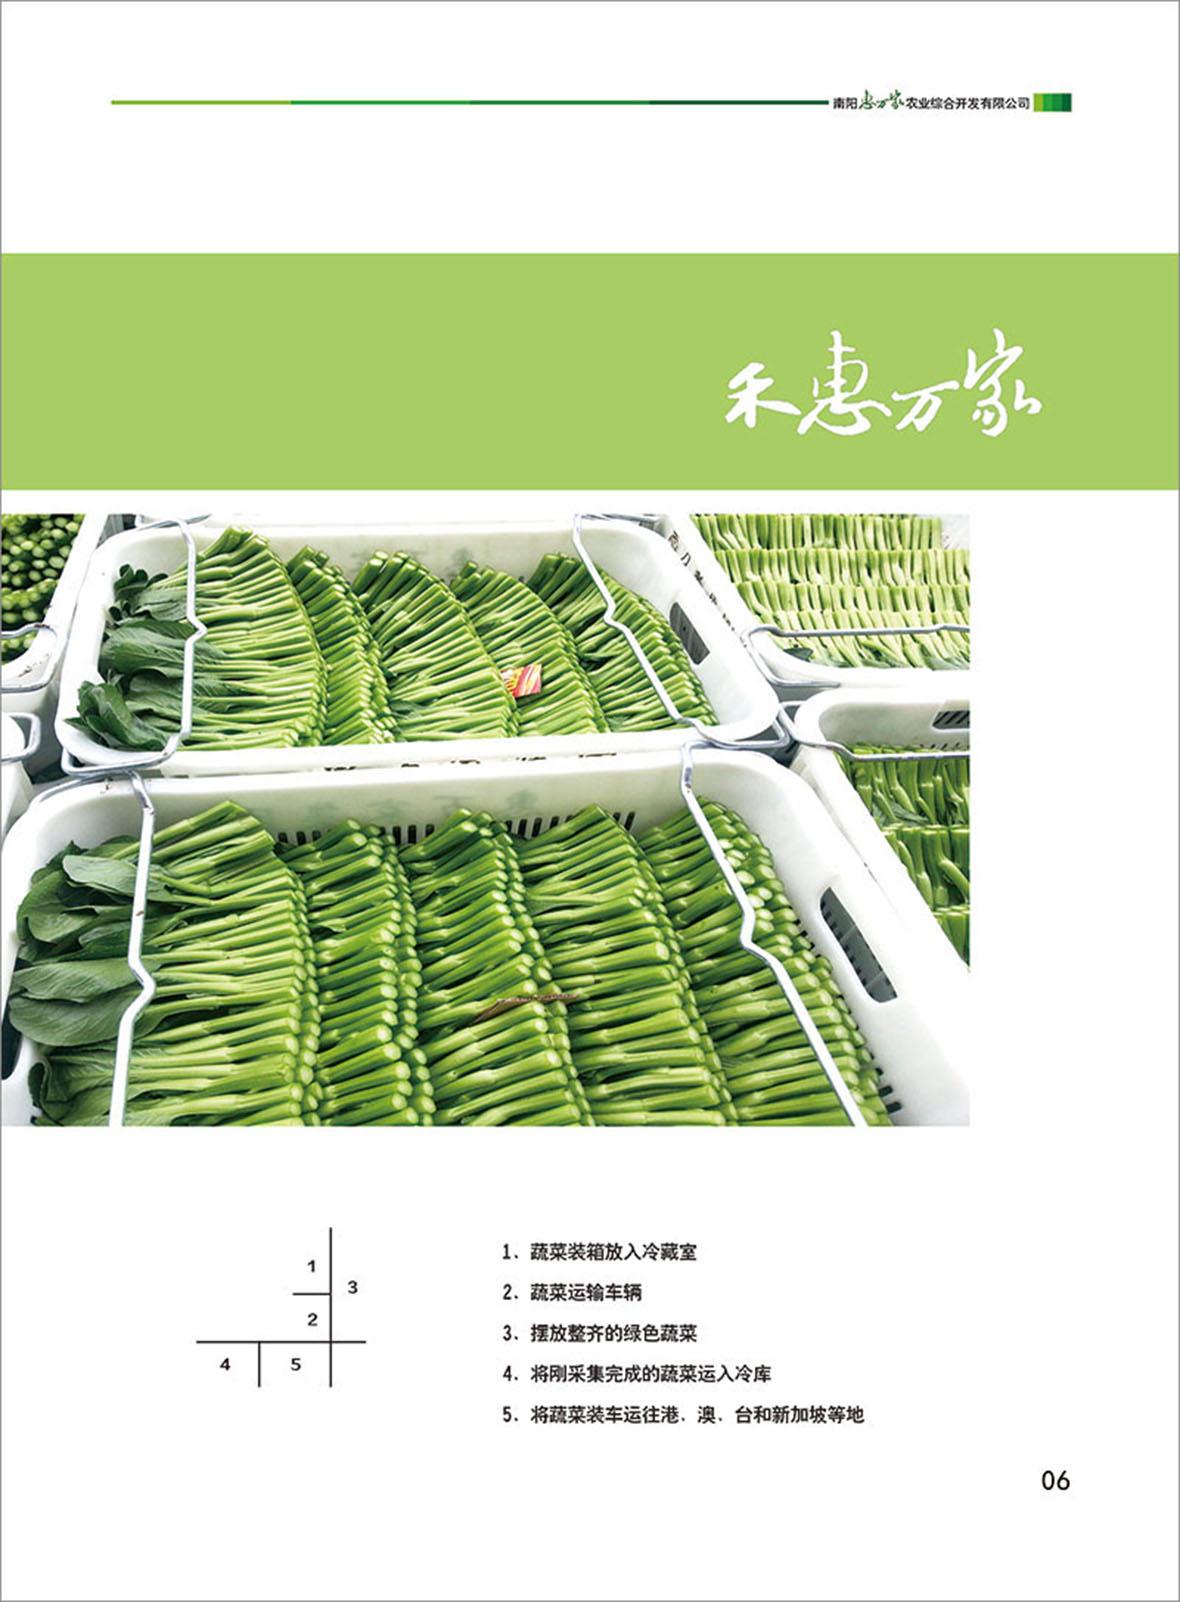 生态农业|生态农业-南阳惠万家农业集团